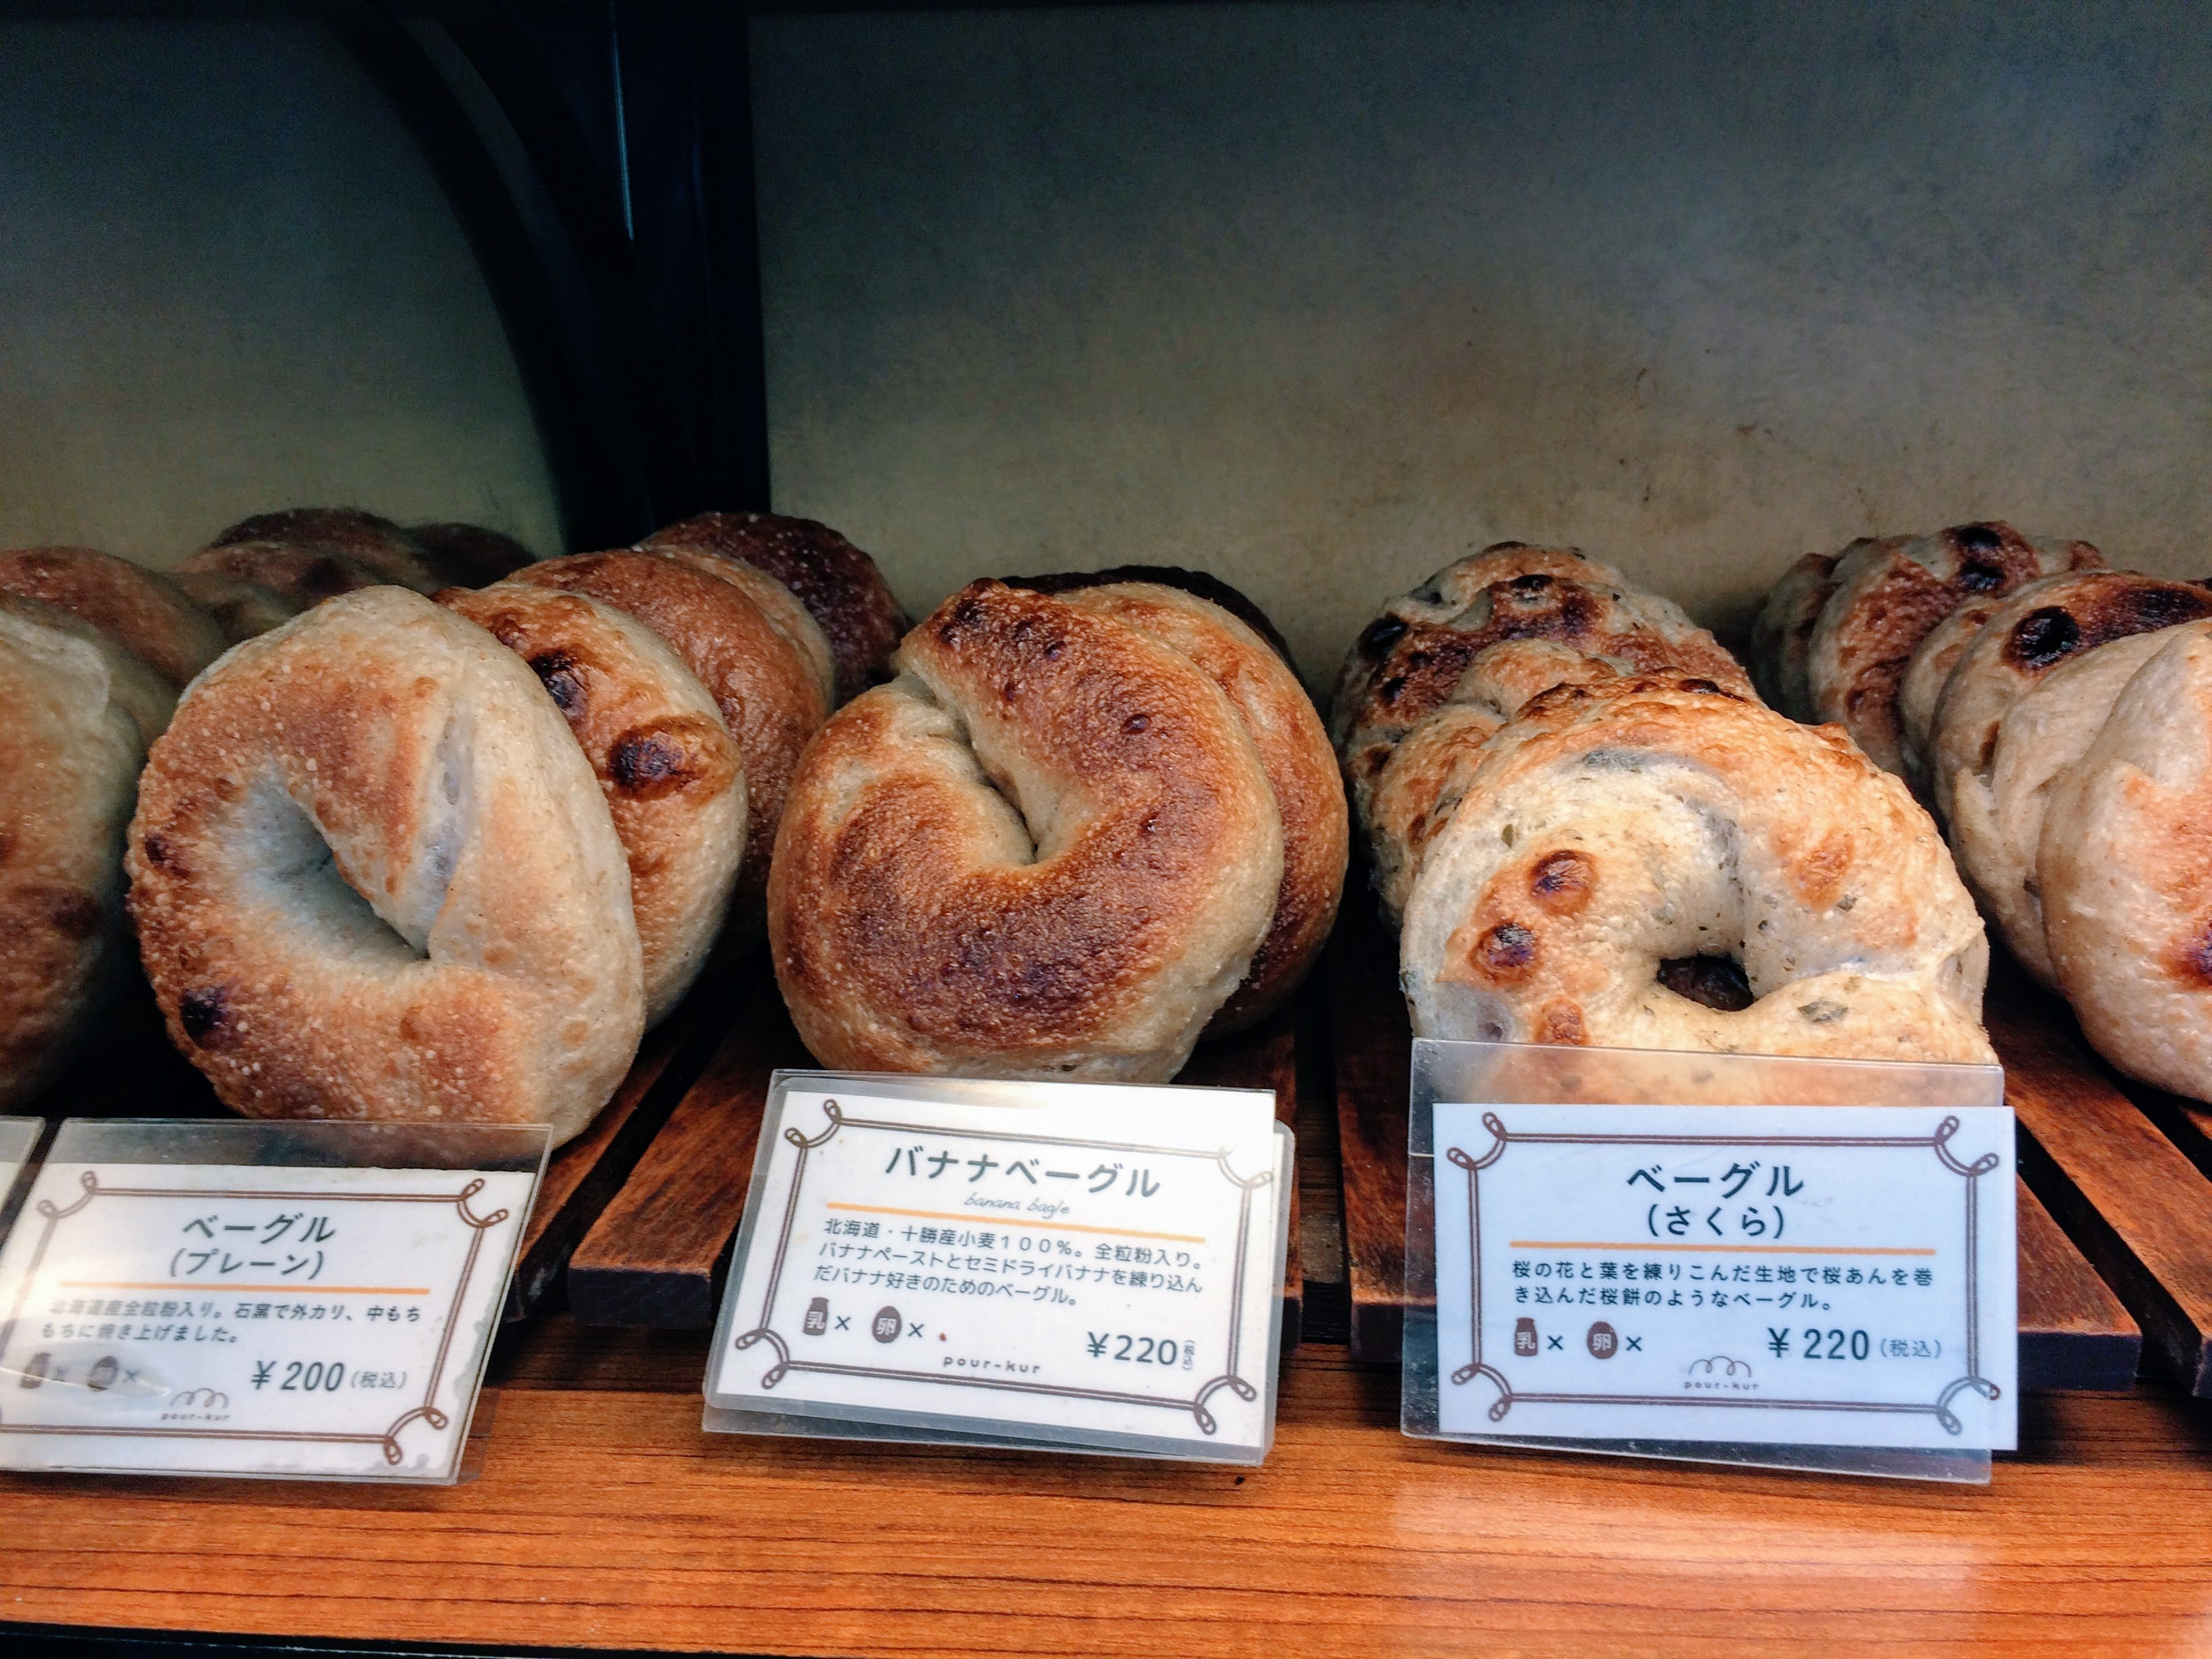 代々木ビレッジのプルクル(pourkur)は低温長時間熟成と自家製酵母